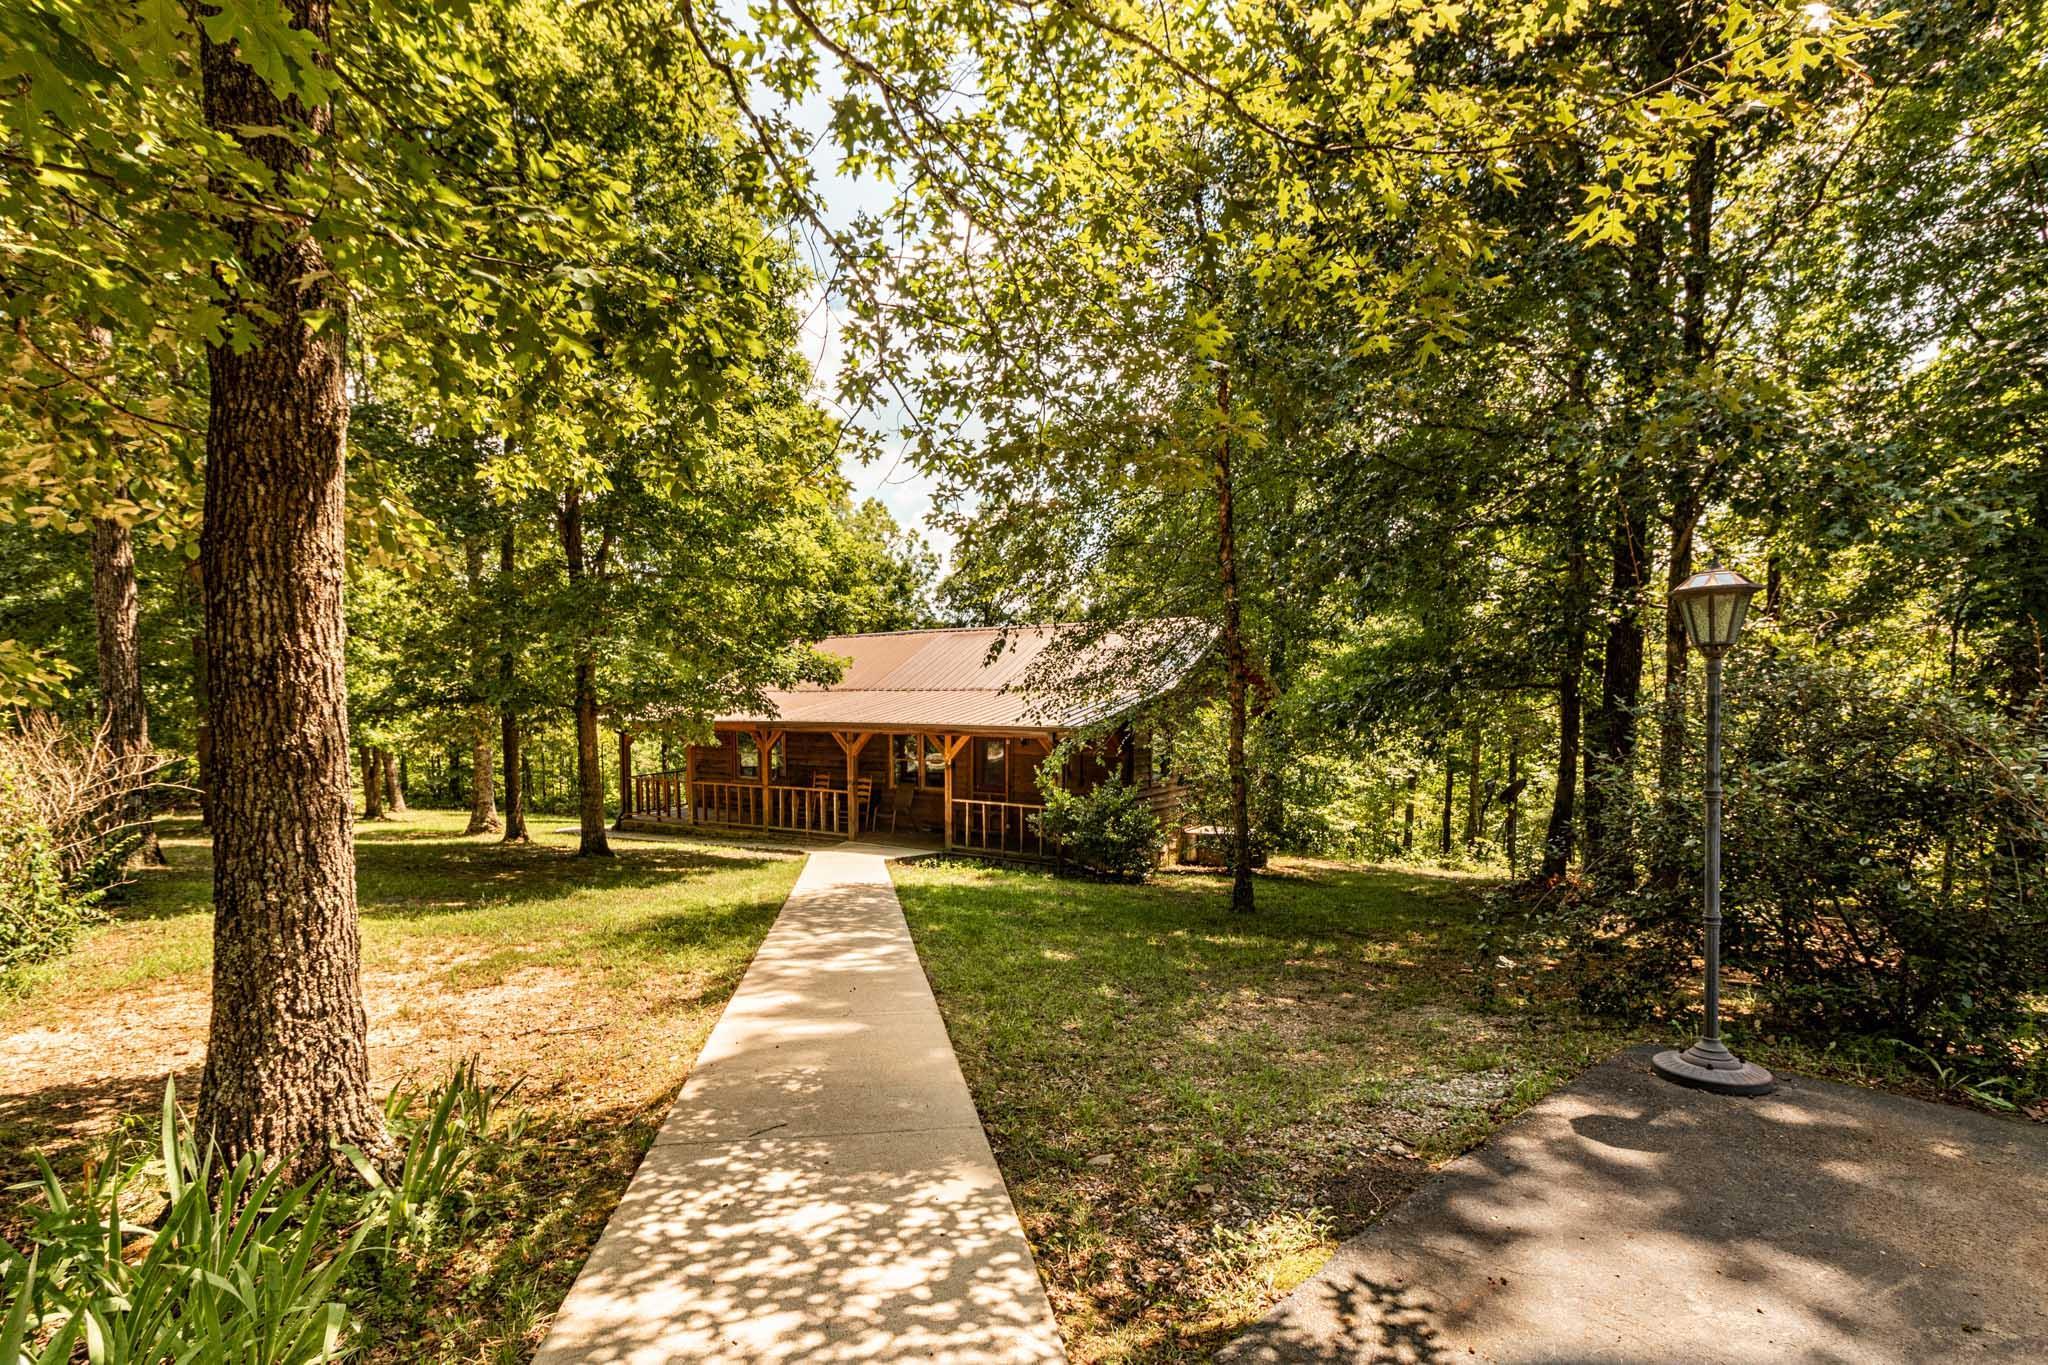 122 Emerald Dr, Hampshire, TN 38461 - Hampshire, TN real estate listing